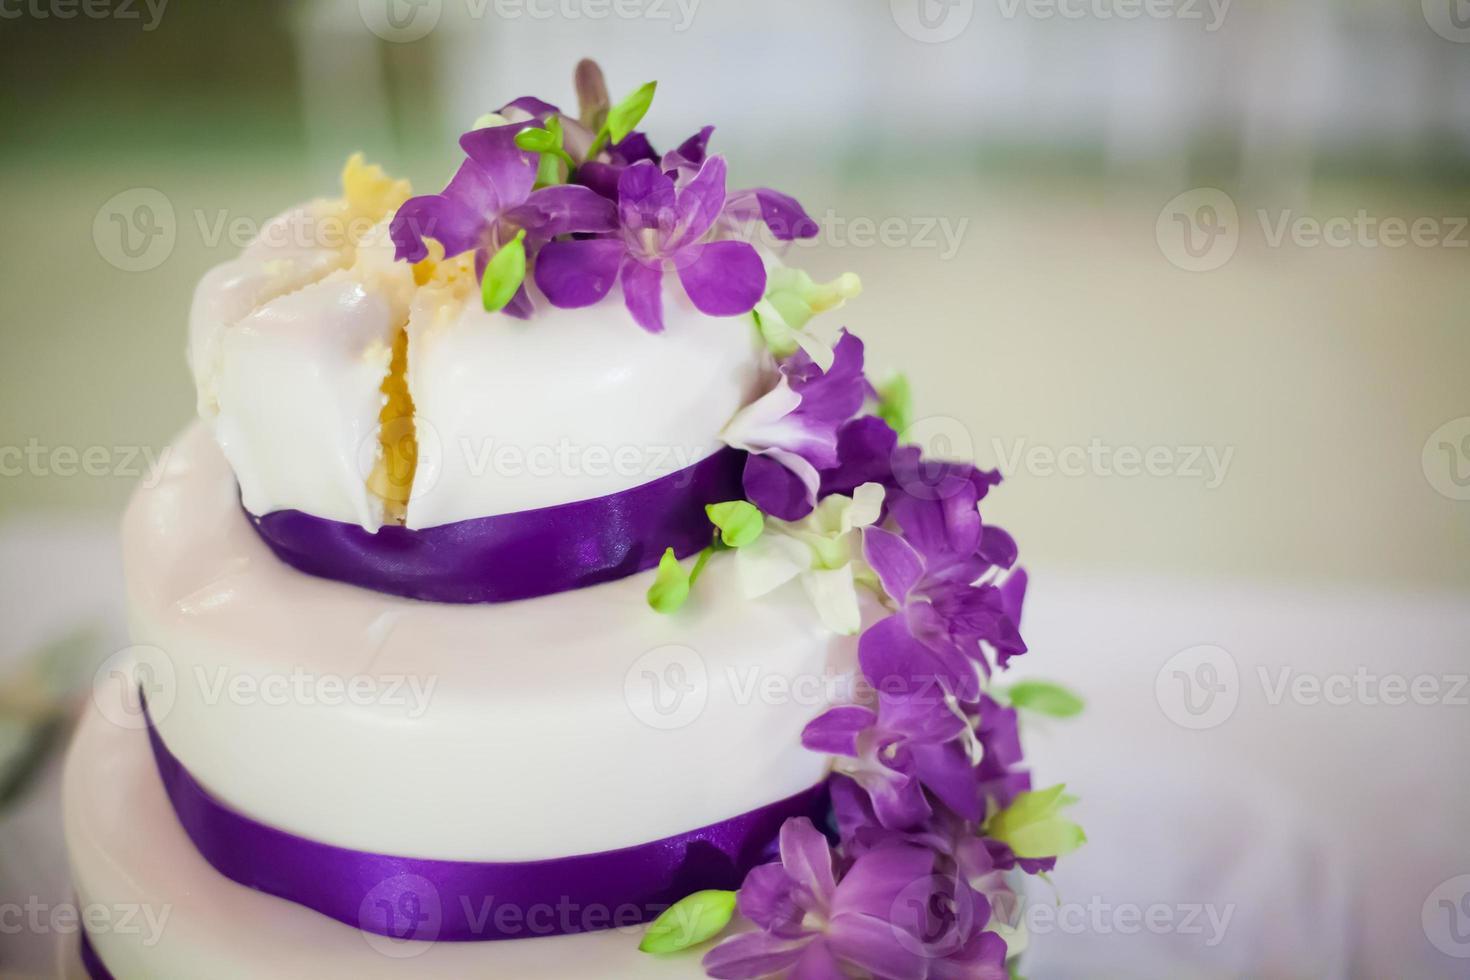 couper le gâteau de mariage photo